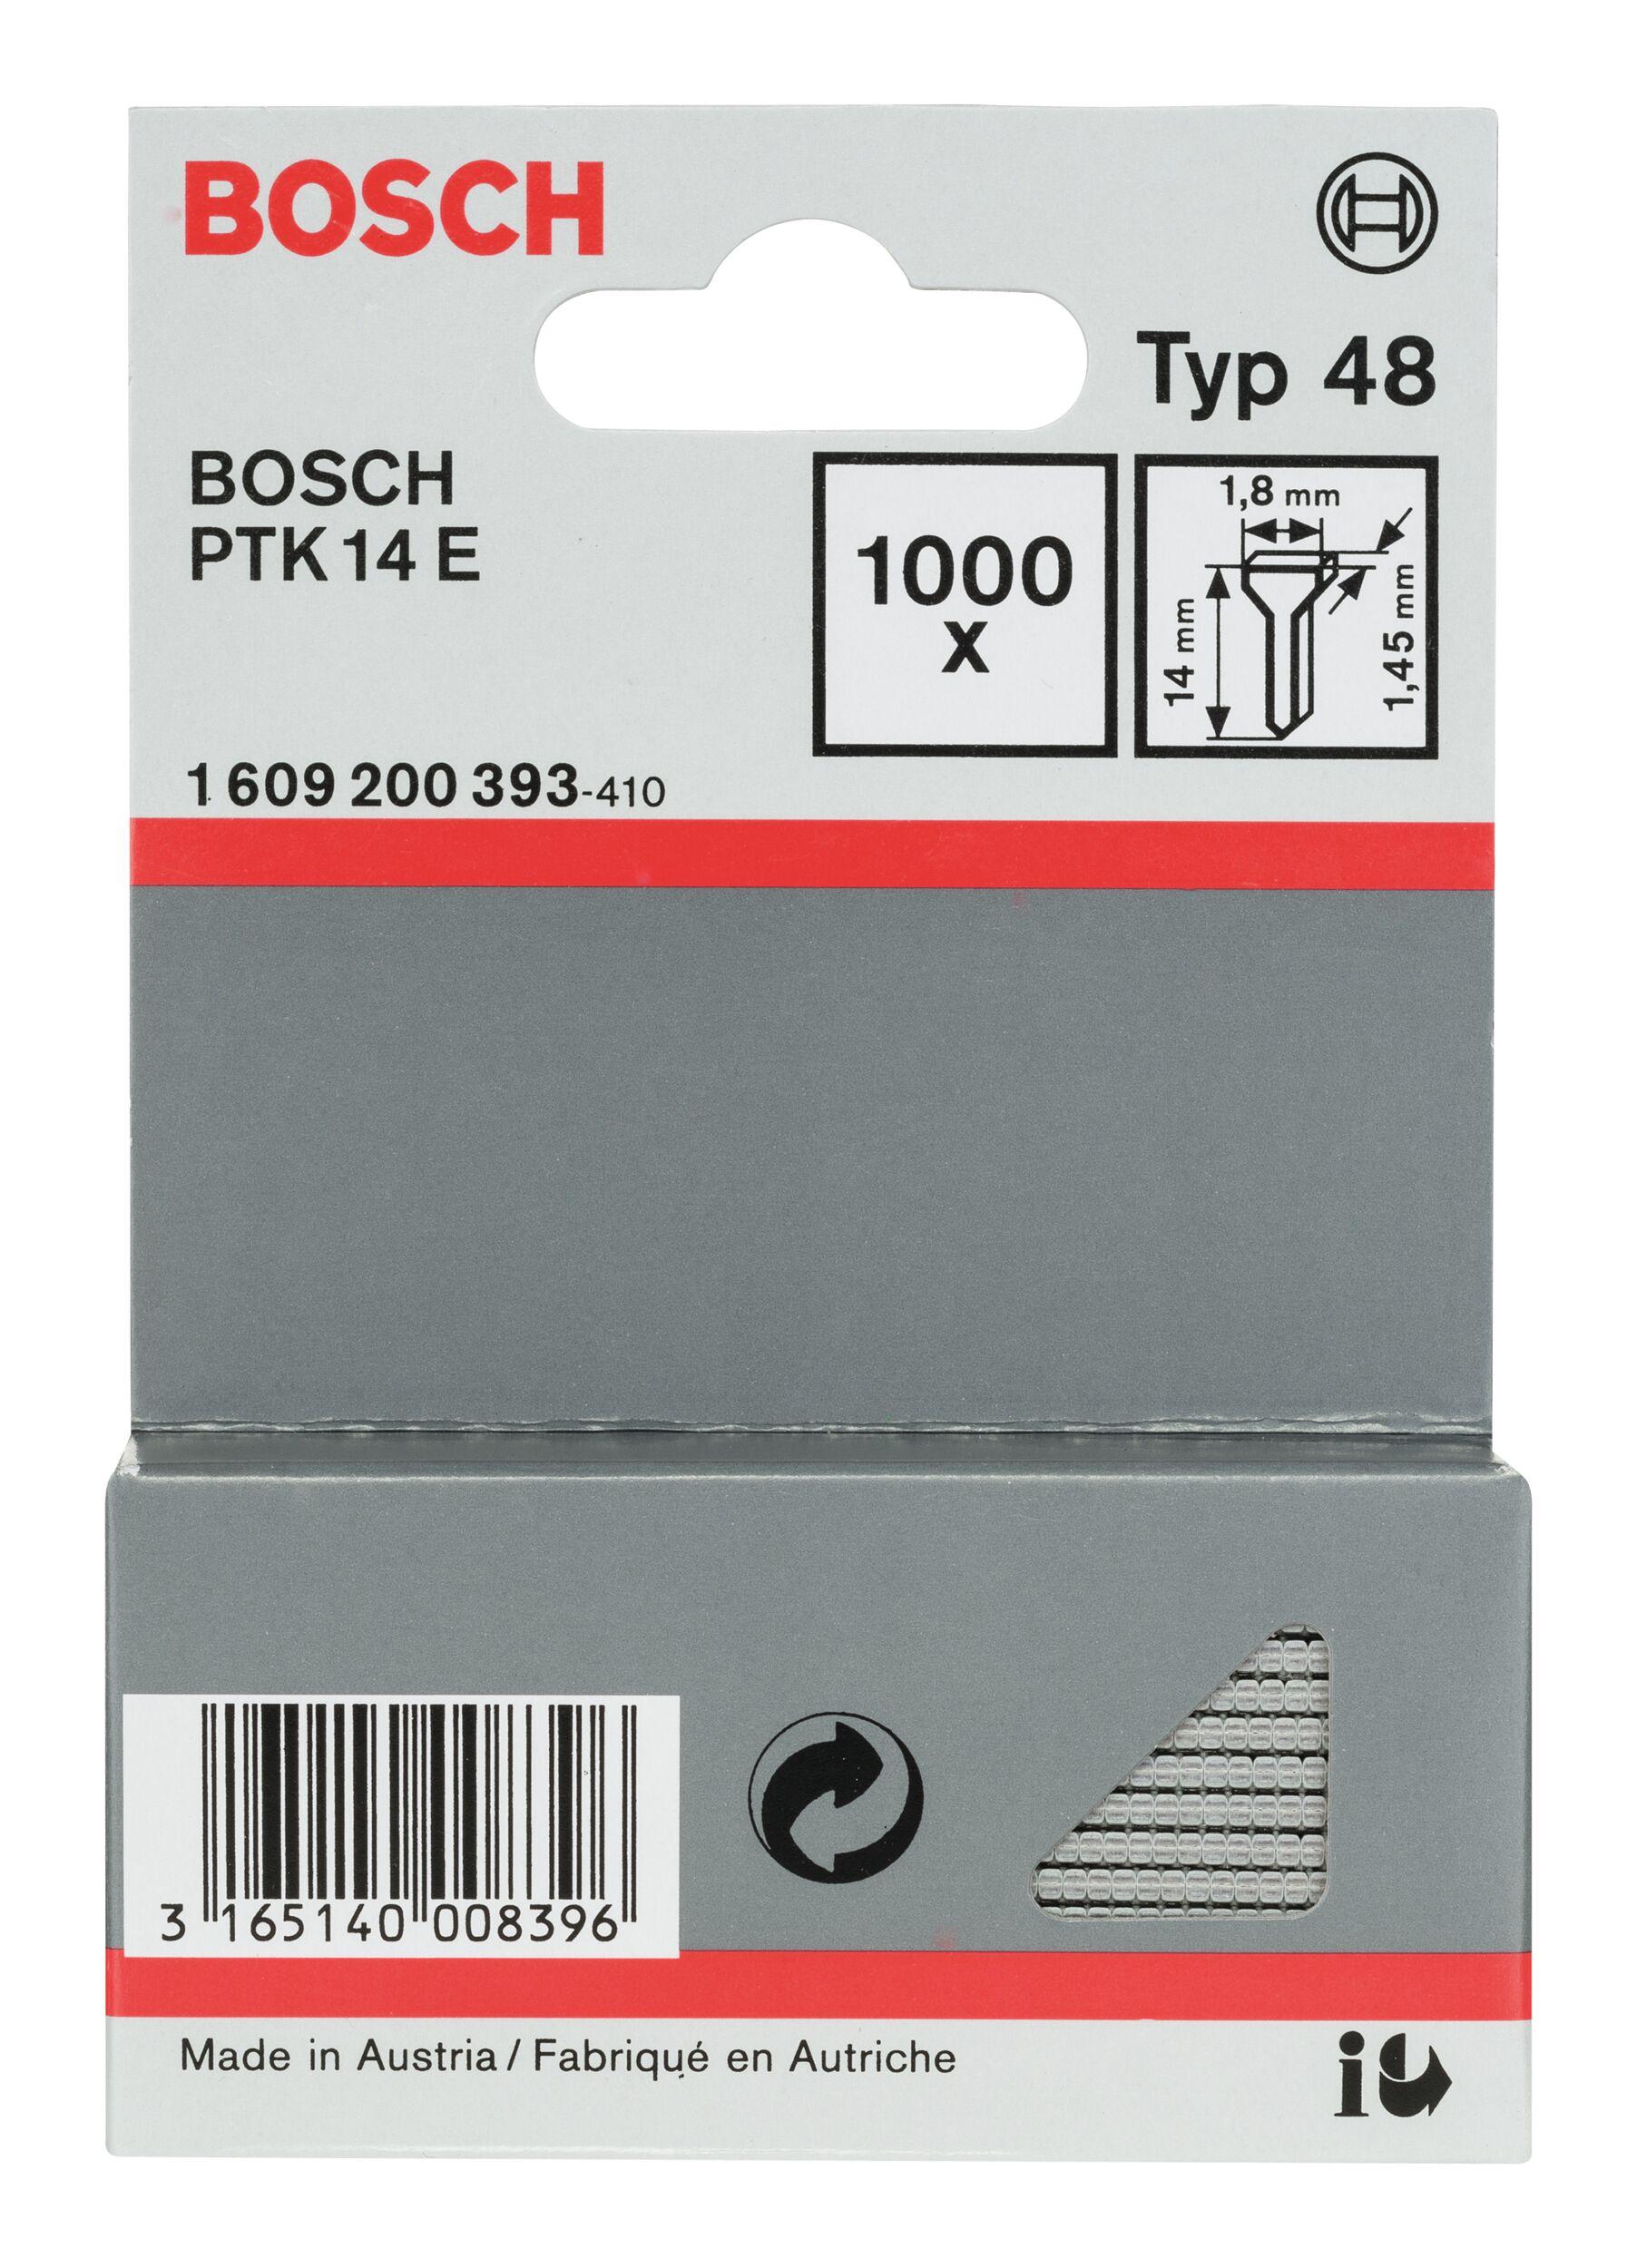 Bosch Zubehör Typ 48 Tackernagel - 1,45 x 14 x 1,8 mm -... 1609200393 (1.000 Stück)